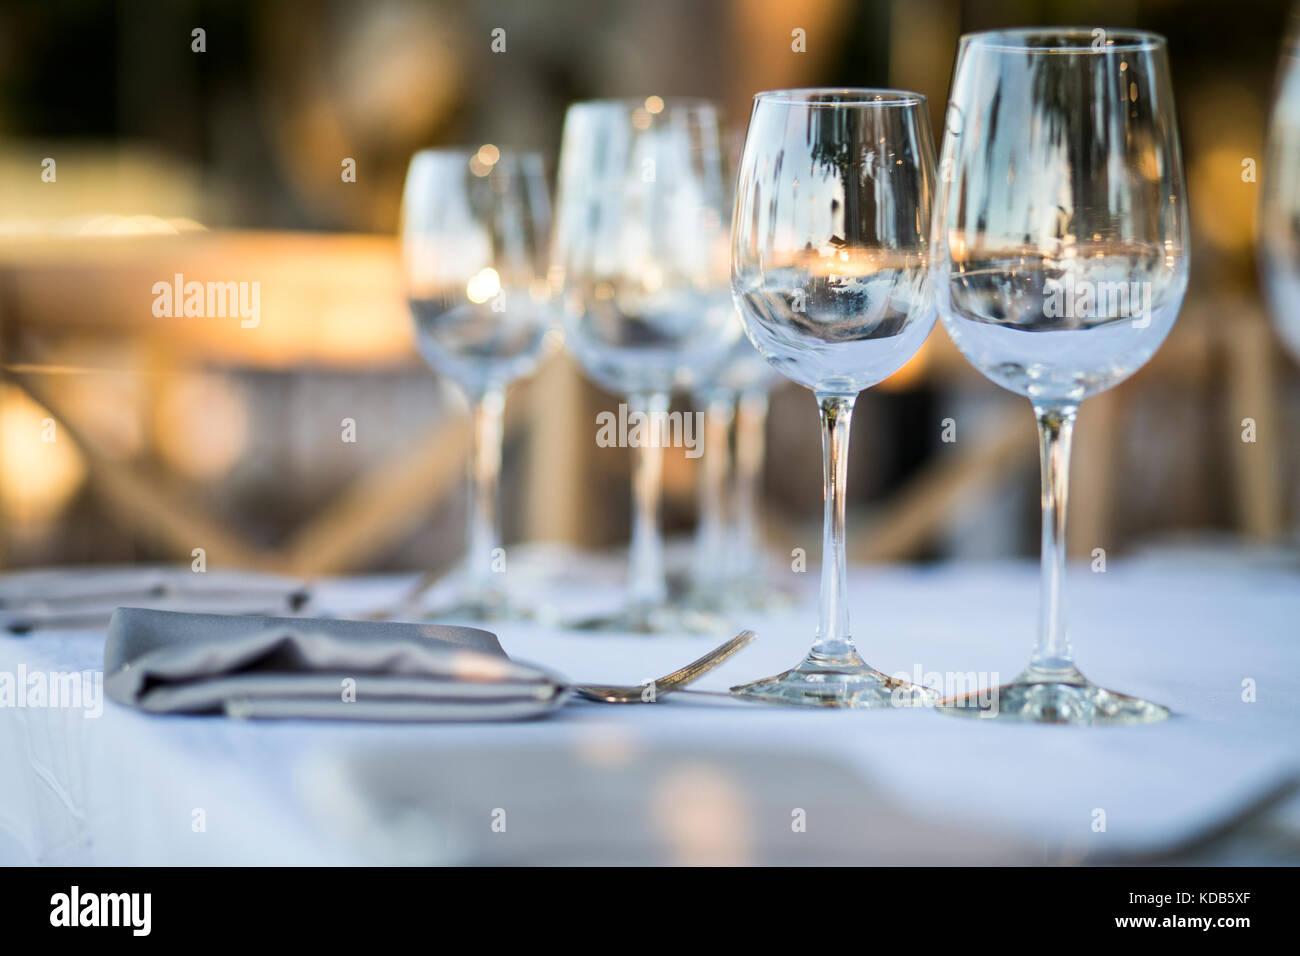 Tabella di lusso impostazioni per ottimi pasti con e vetreria, bello sfondo sfocato. Preparazione per le feste di Immagini Stock